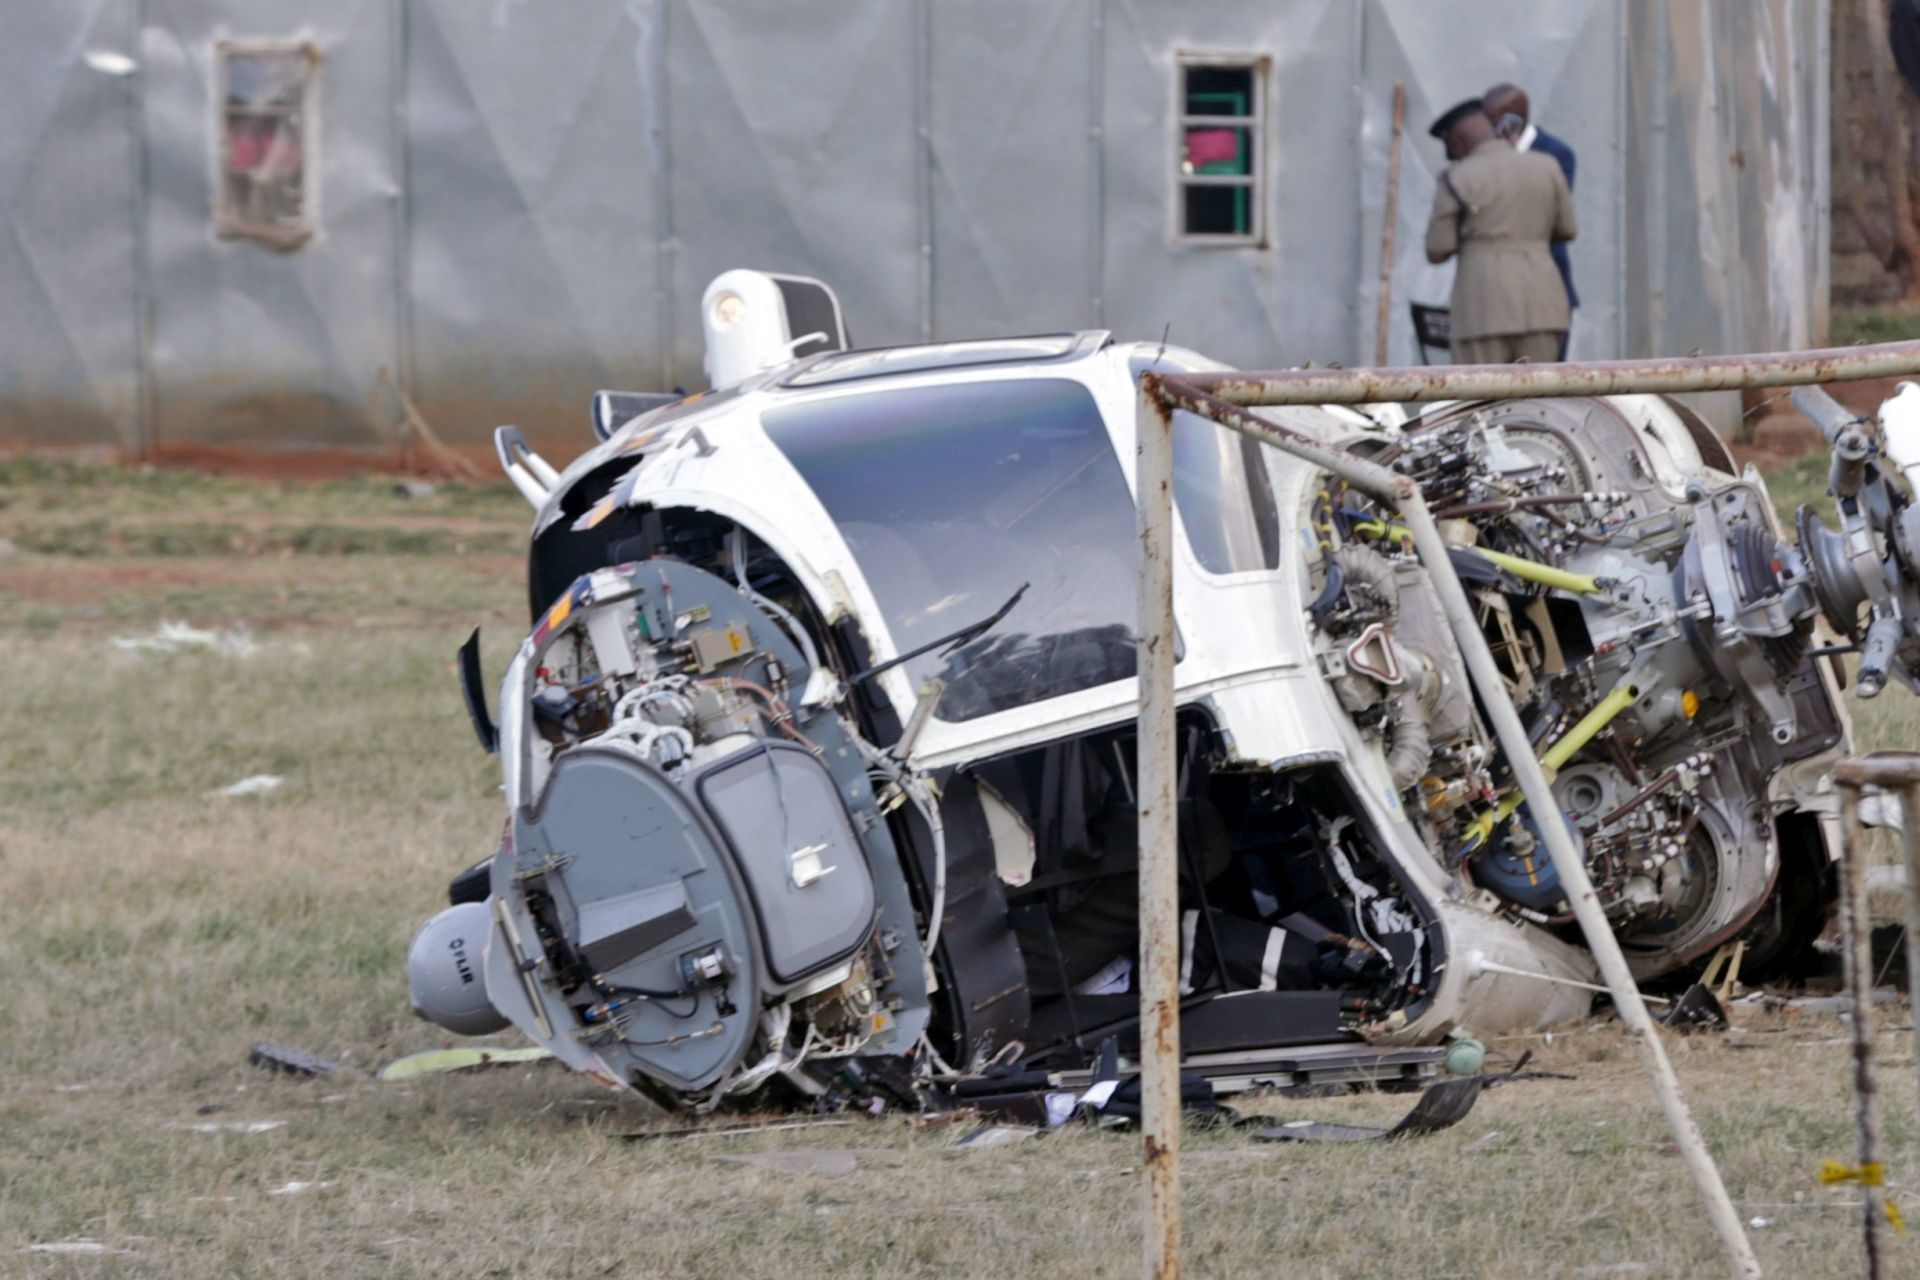 SUDAR ZRAKOPLOVA: Iznad kanadskog trgovačkog centra poginuo pilot